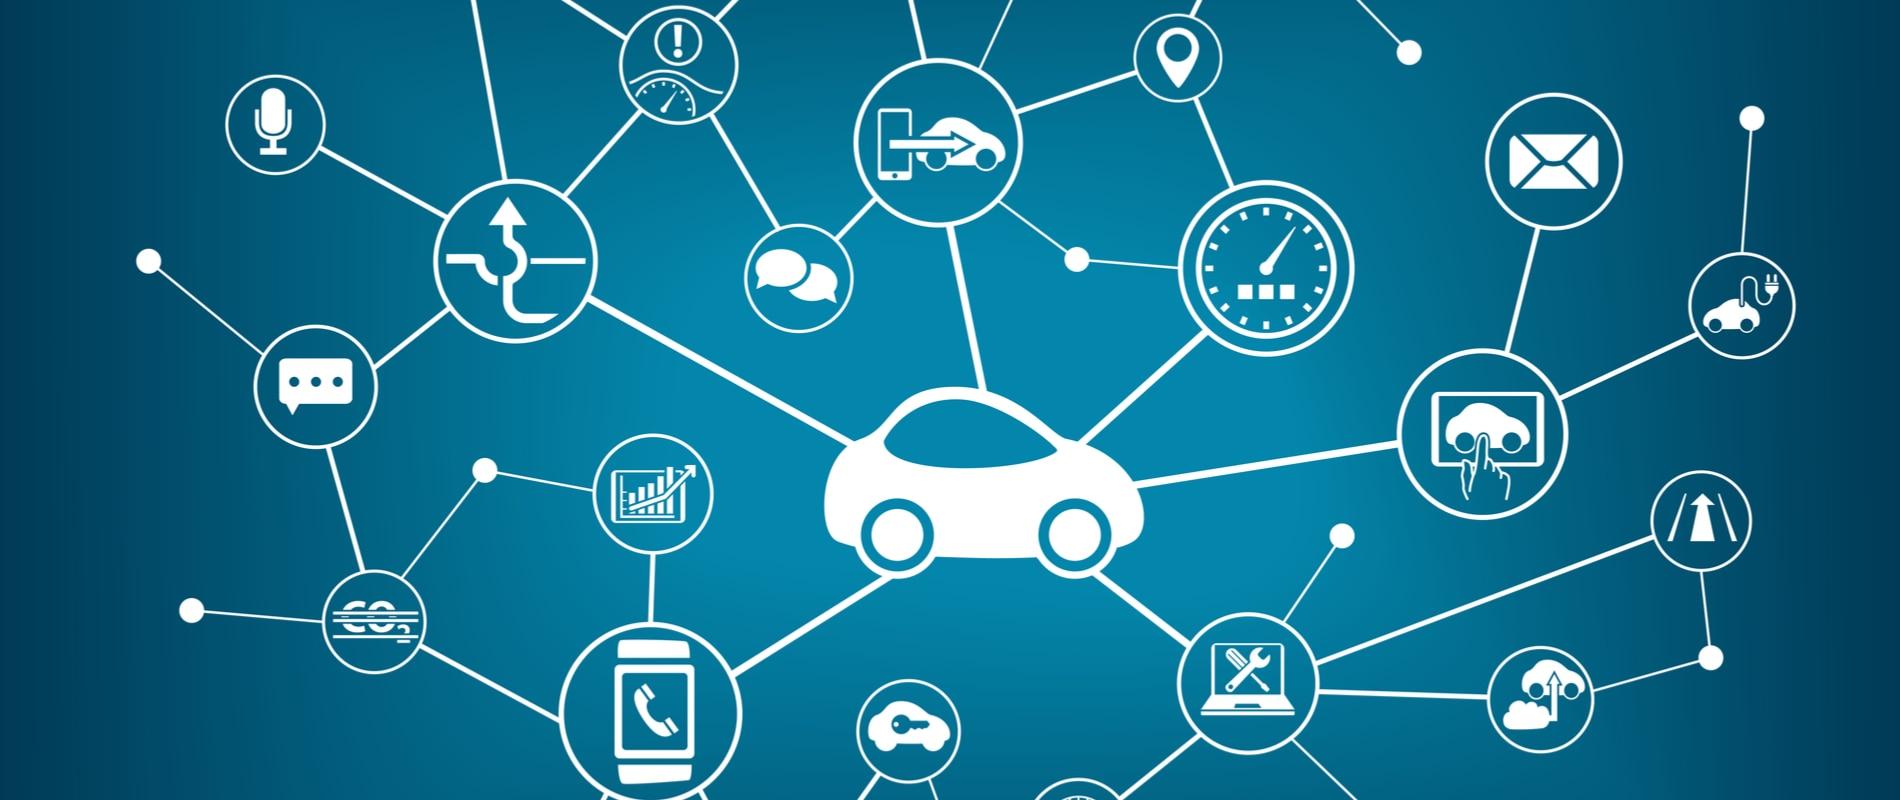 coches-conectados-autonomos-inteligentes-trafico-internet-cosas-bbva